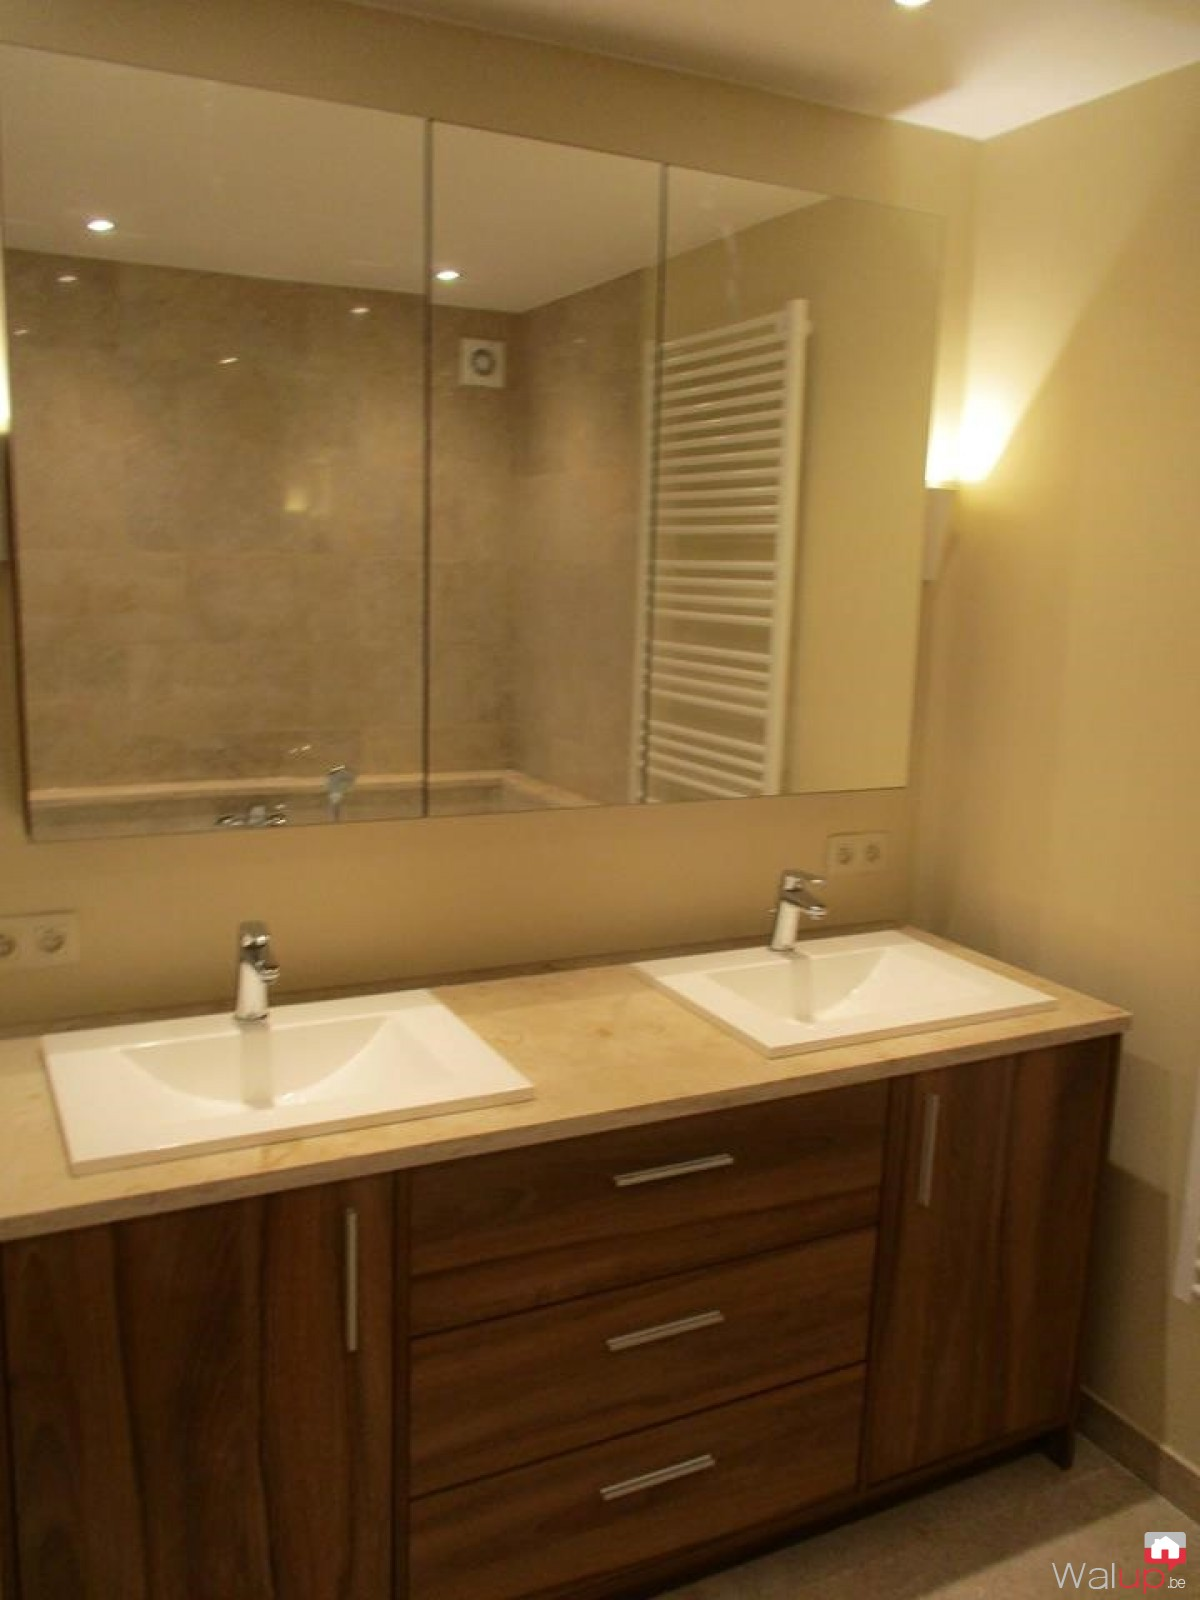 Meuble salle de bain sur mesure tournai par evolumeuble for Meuble de salle de bain sur mesure